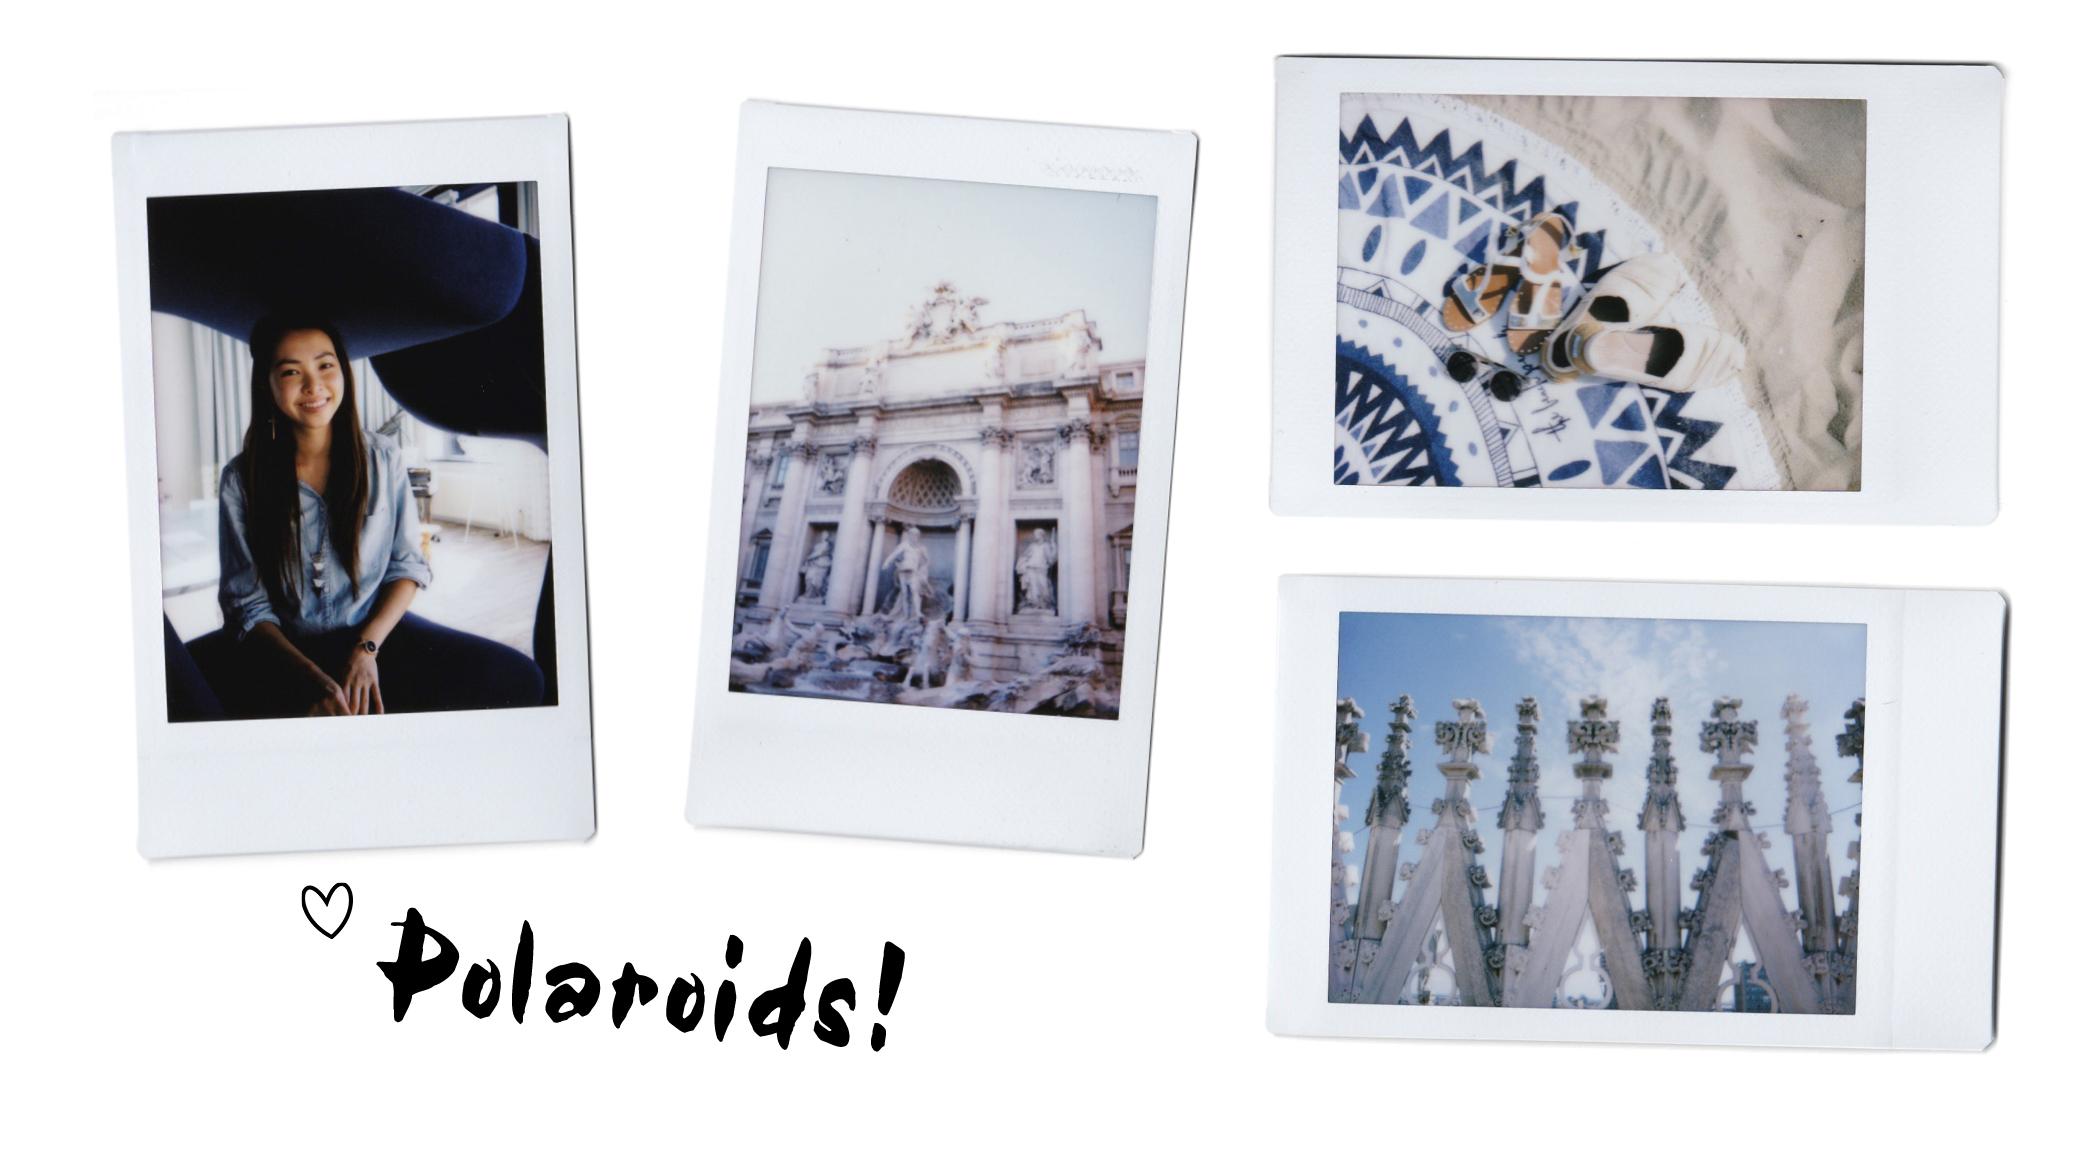 Polaroids-feat, by Jose Chan